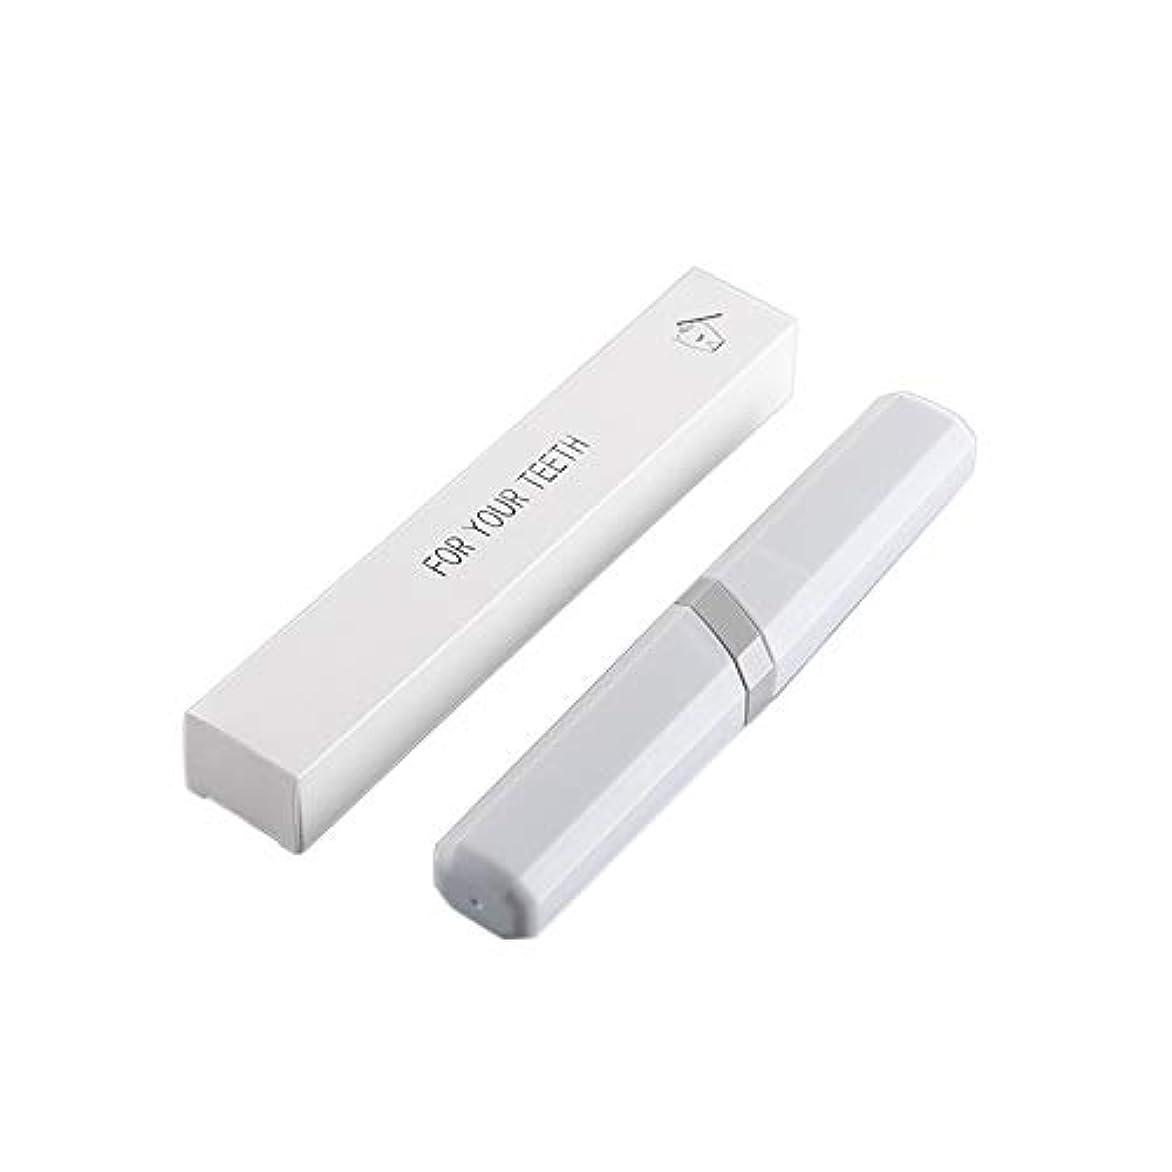 処方針加速度Decdeal 歯ブラシ ポータブル 収納ケース付き アウトドア旅行用